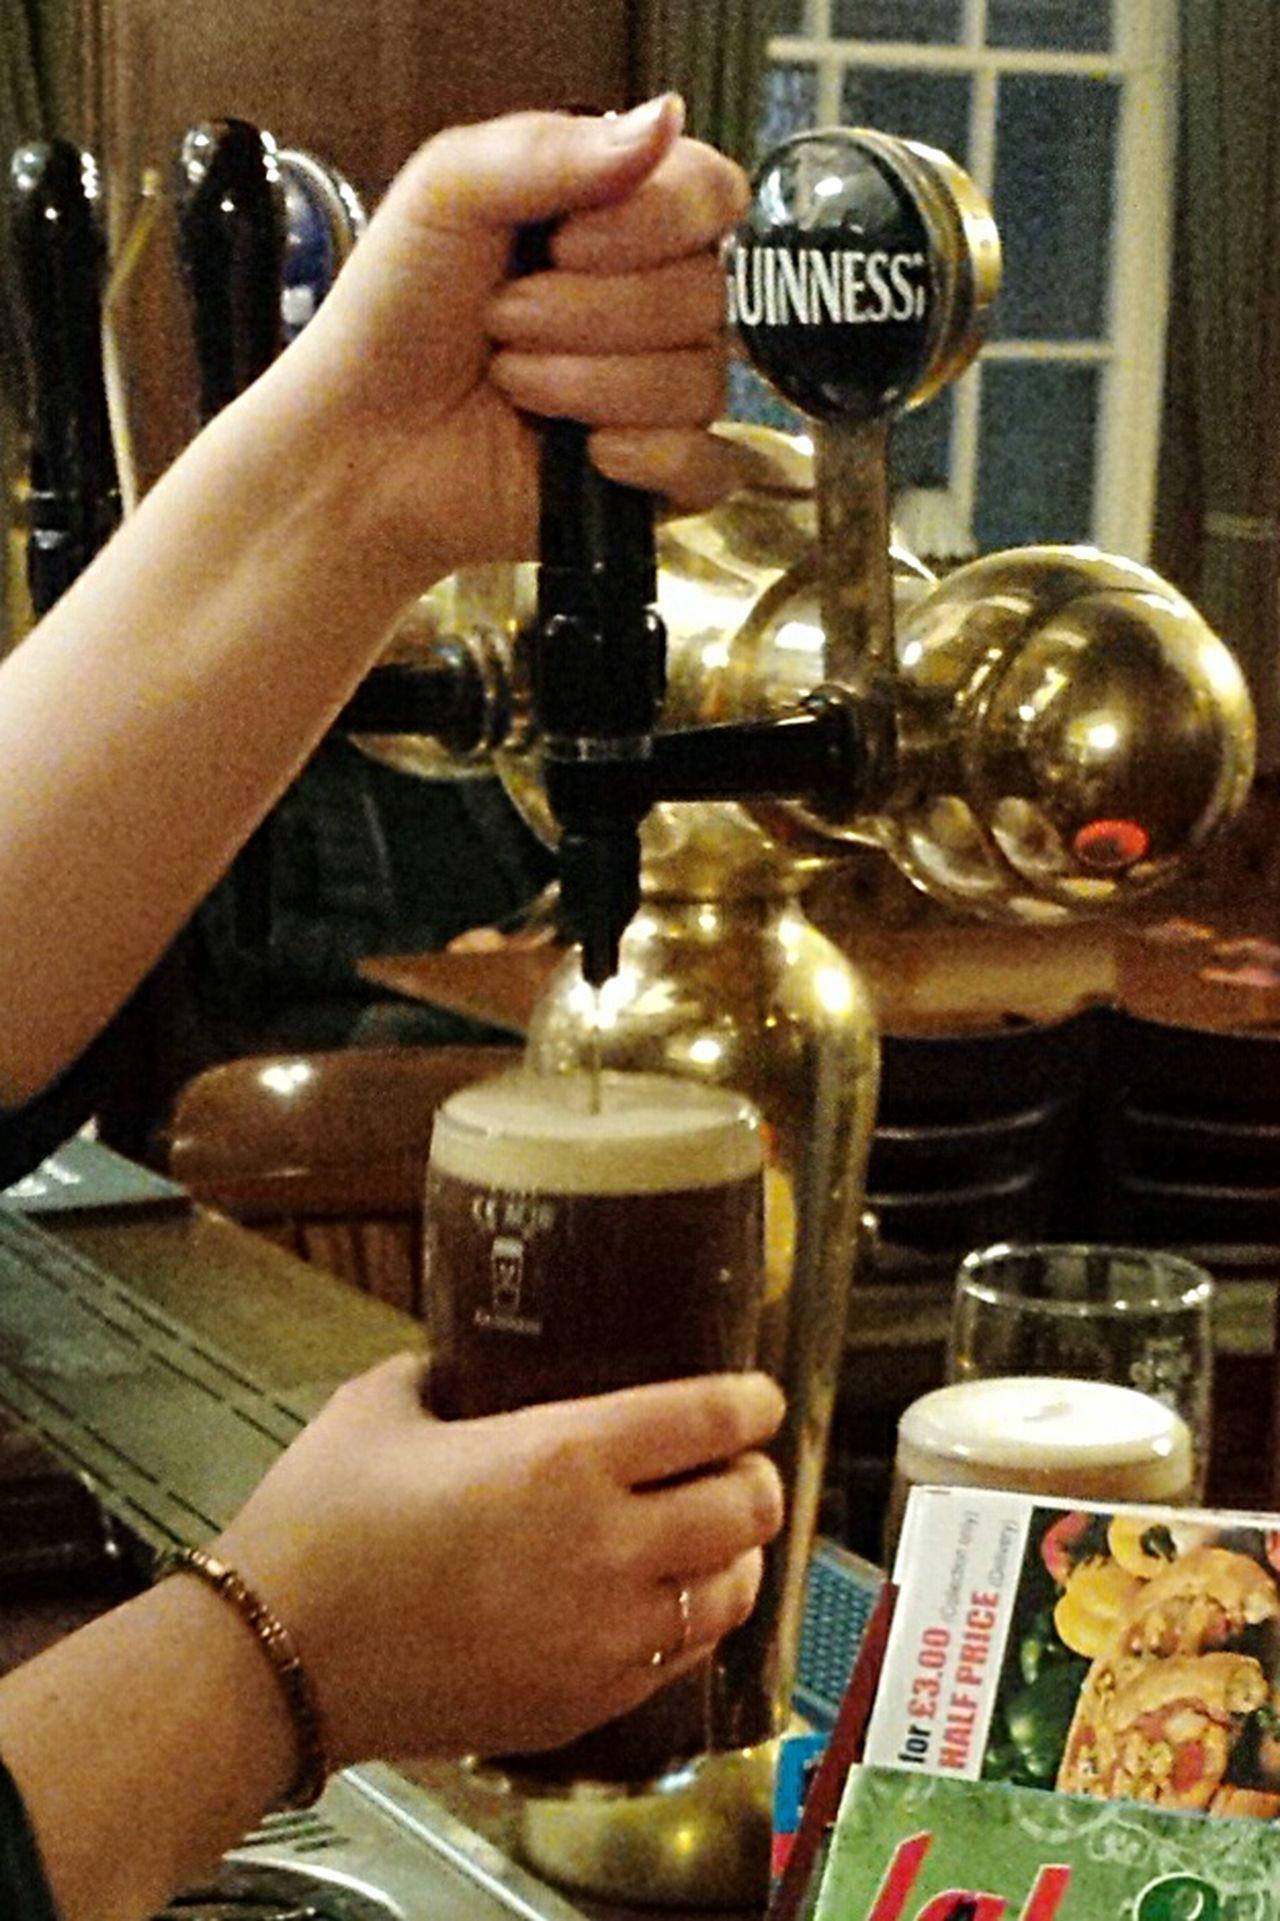 Guinness xxxxxxx Nefilian Xxxxxxx Pubs Guinness Beer Barmaid X